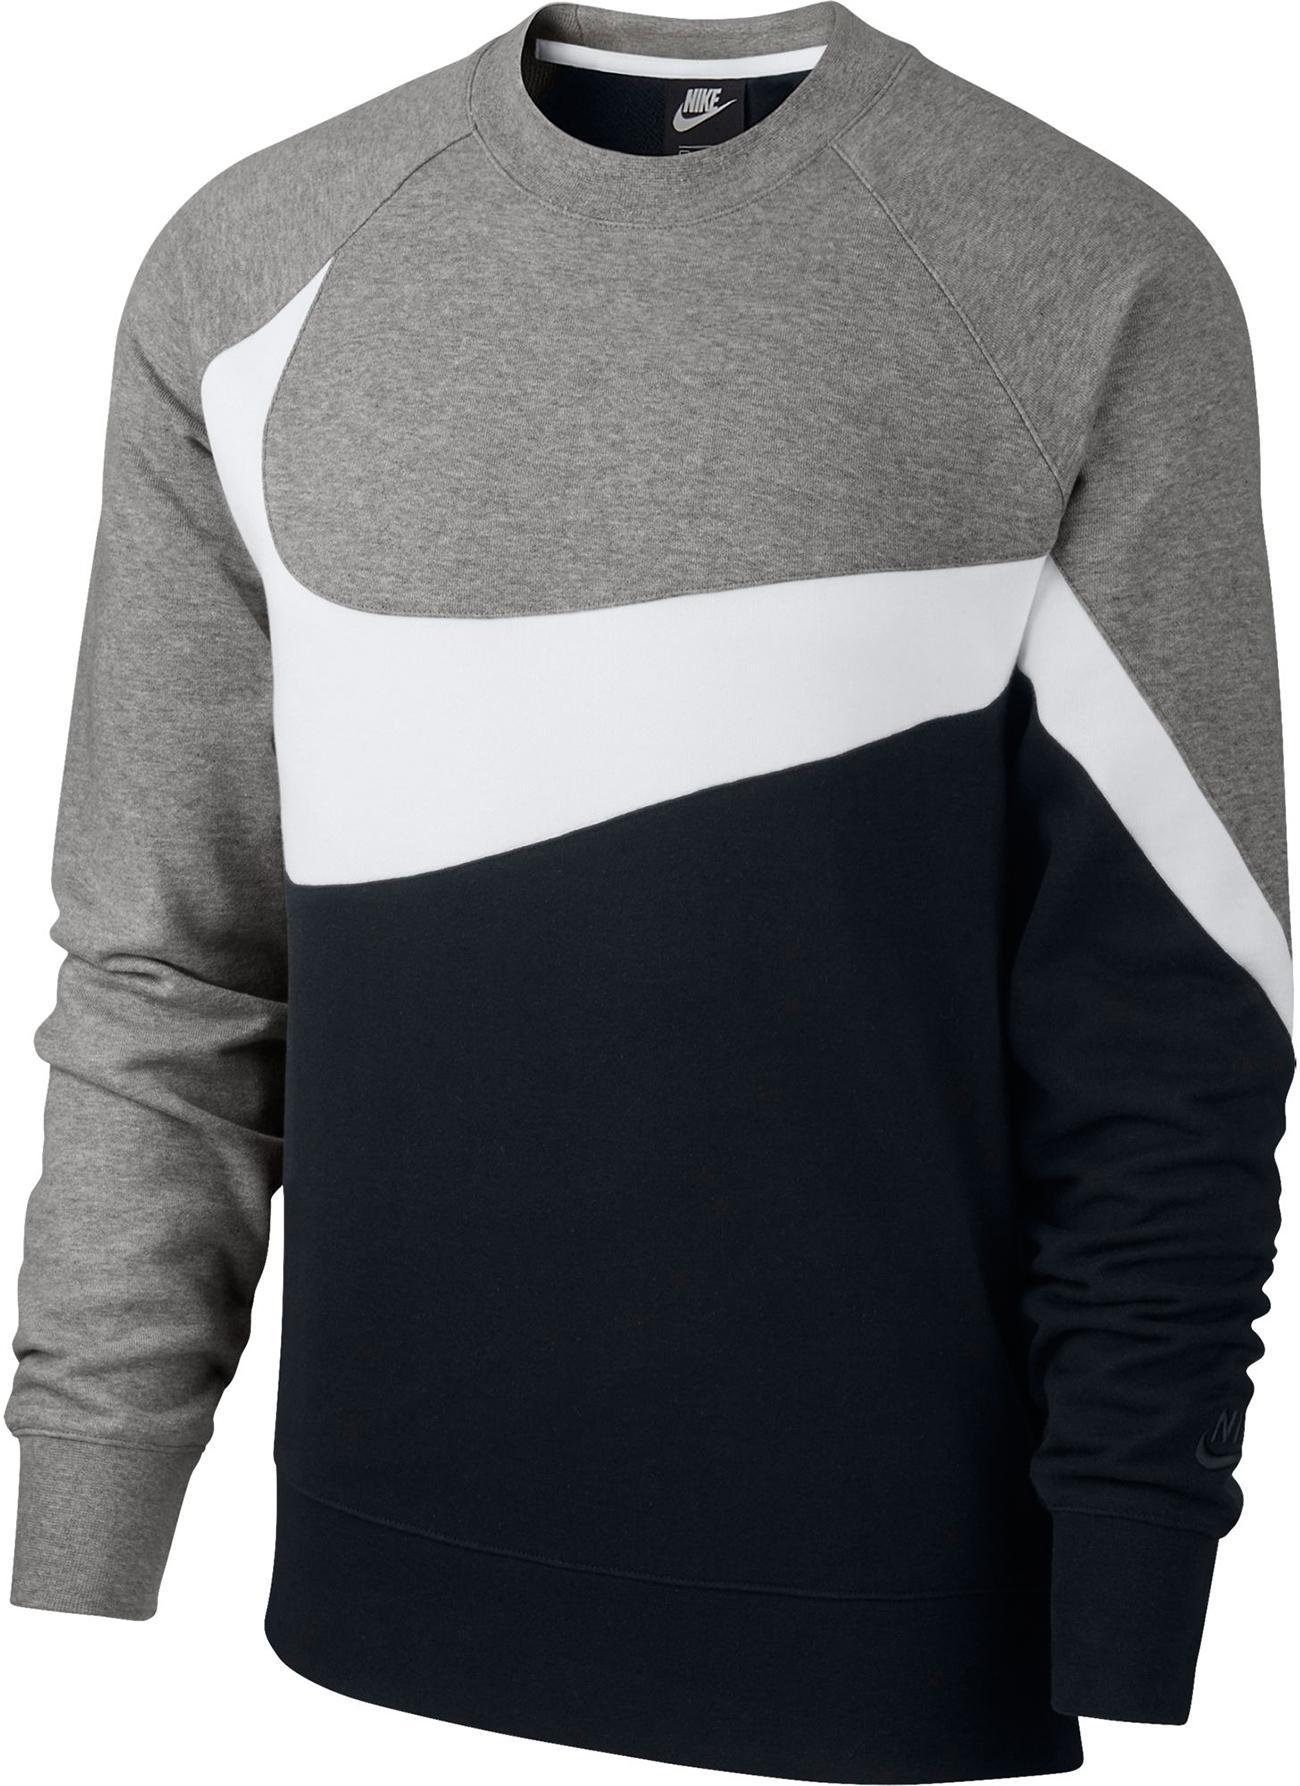 pullover \u0026 sweats f�r herren im online shop von sportscheck kaufen  nike nsw sweatshirt herren black white dark grey heather